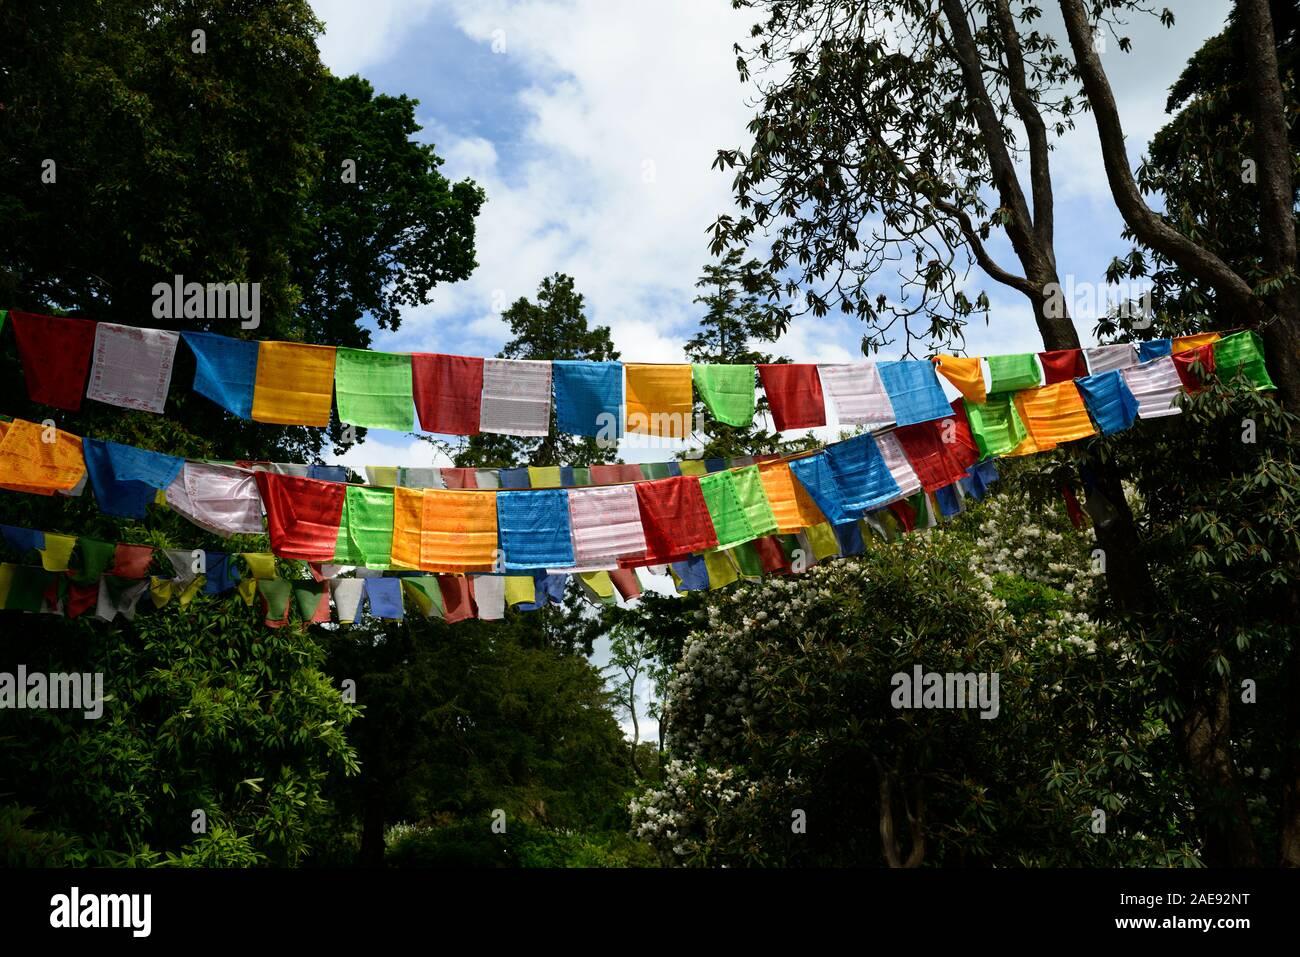 Tibetische Gebetsfahnen, Flagge, religiöses Symbol, Symbolik, symbolische, Garten, Gärten, Frieden, friedlich, RM Floral Stockfoto